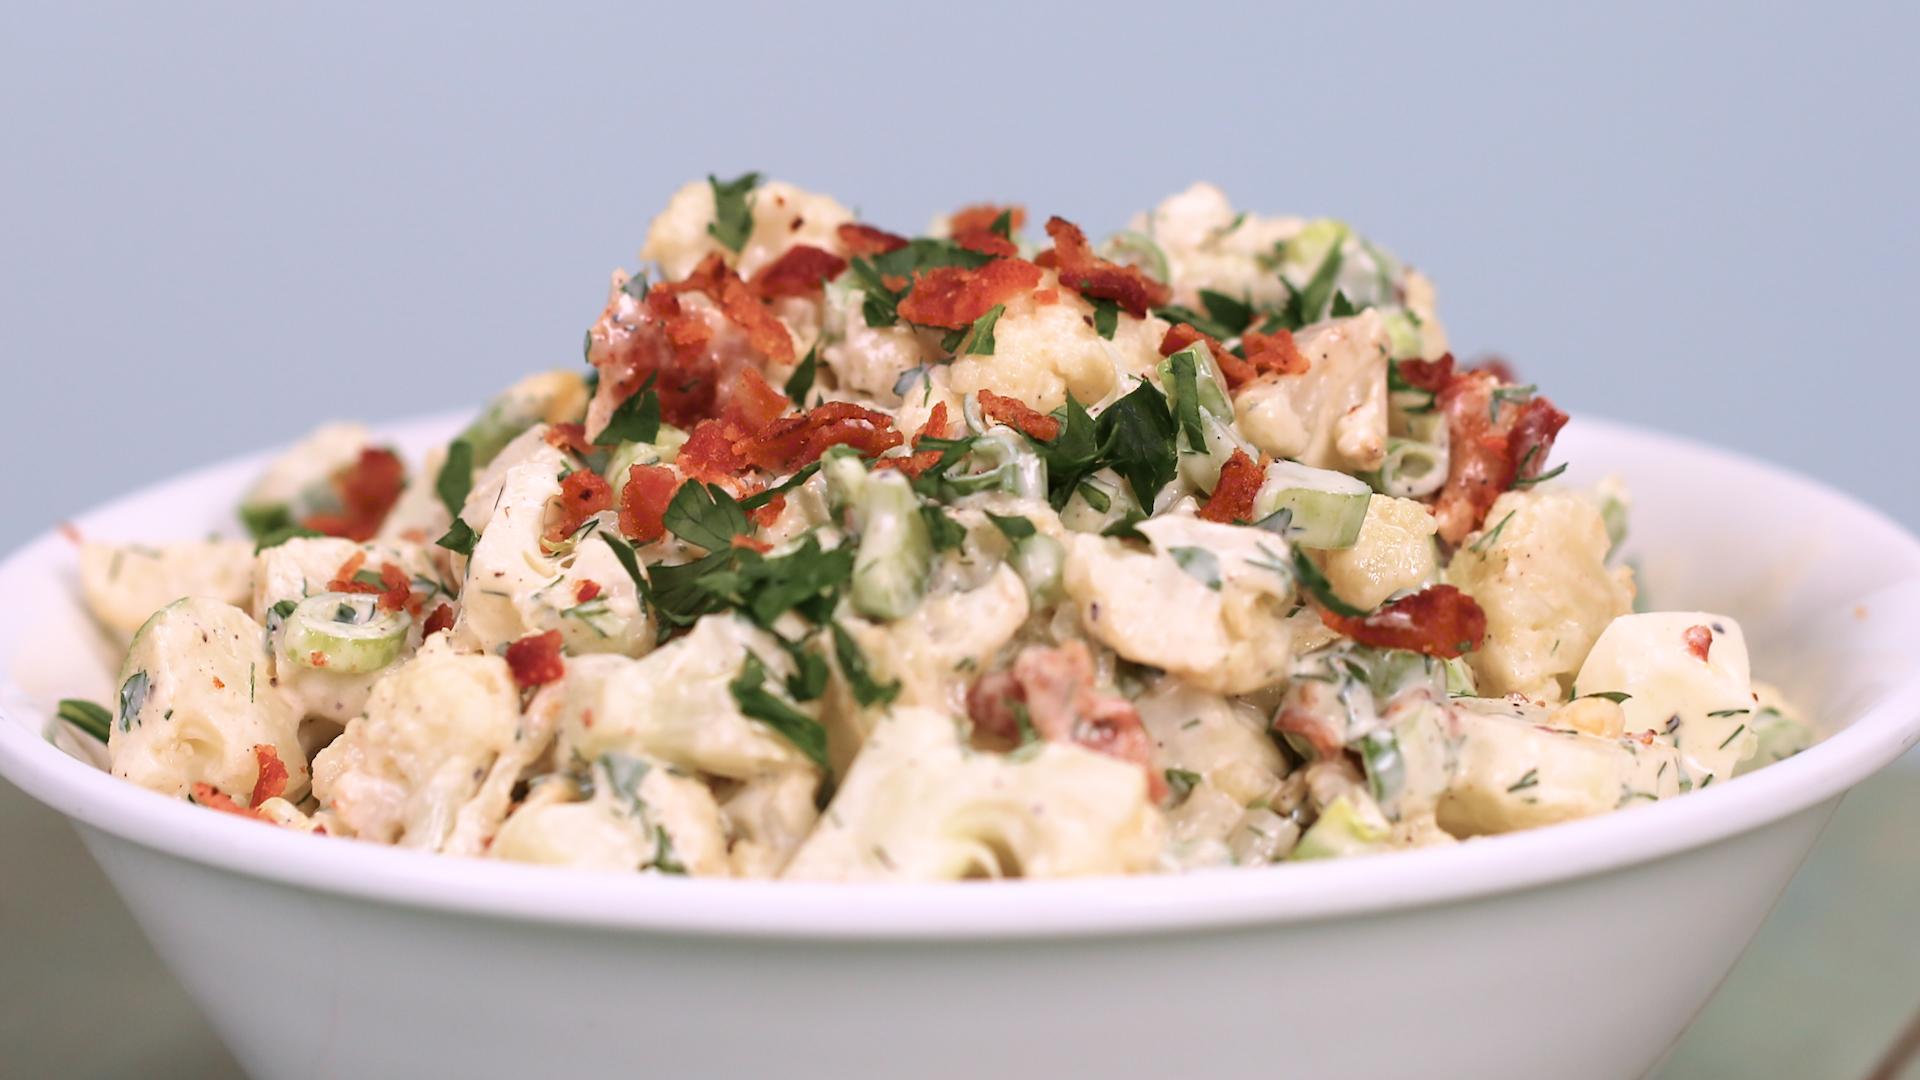 Cauli-Tater Salad image